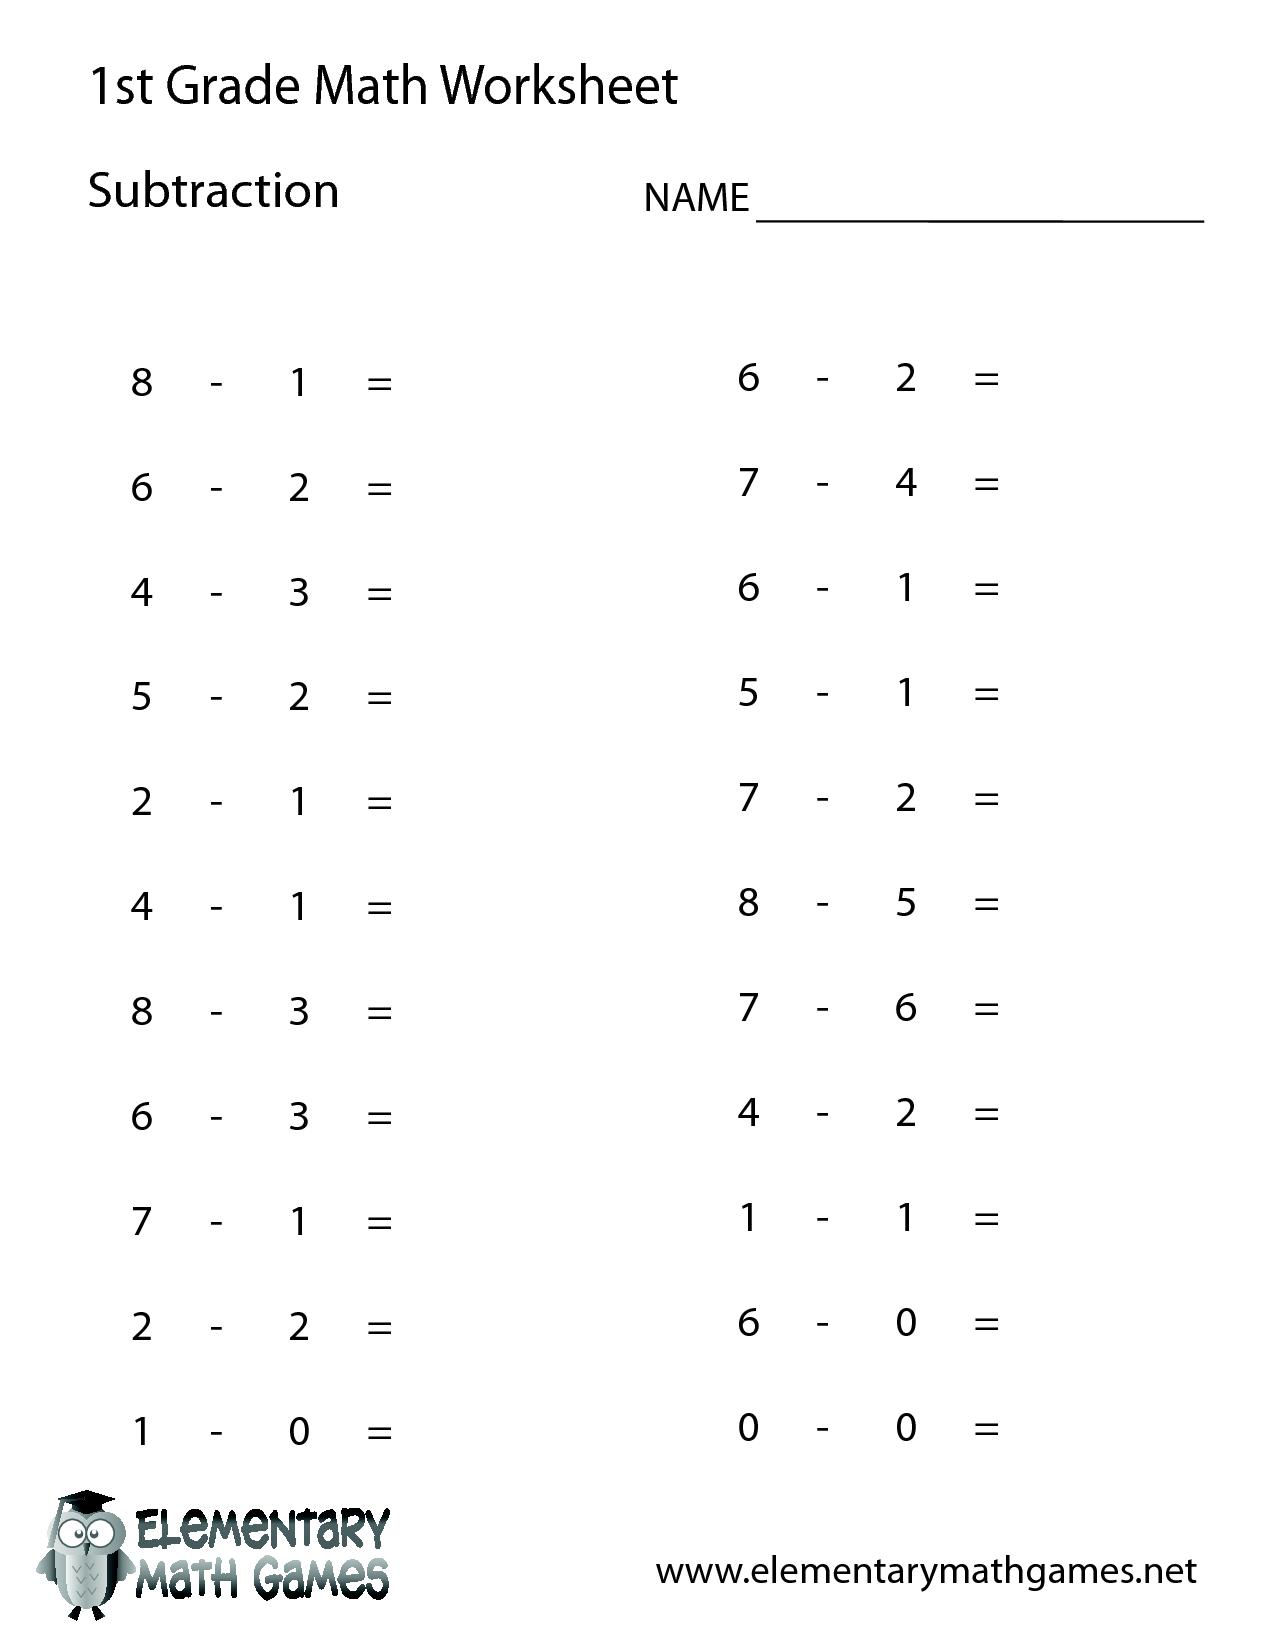 1St Grade Math Worksheets | 1St Grade Math | First Grade Math - Free Printable Math Test For 1St Grade